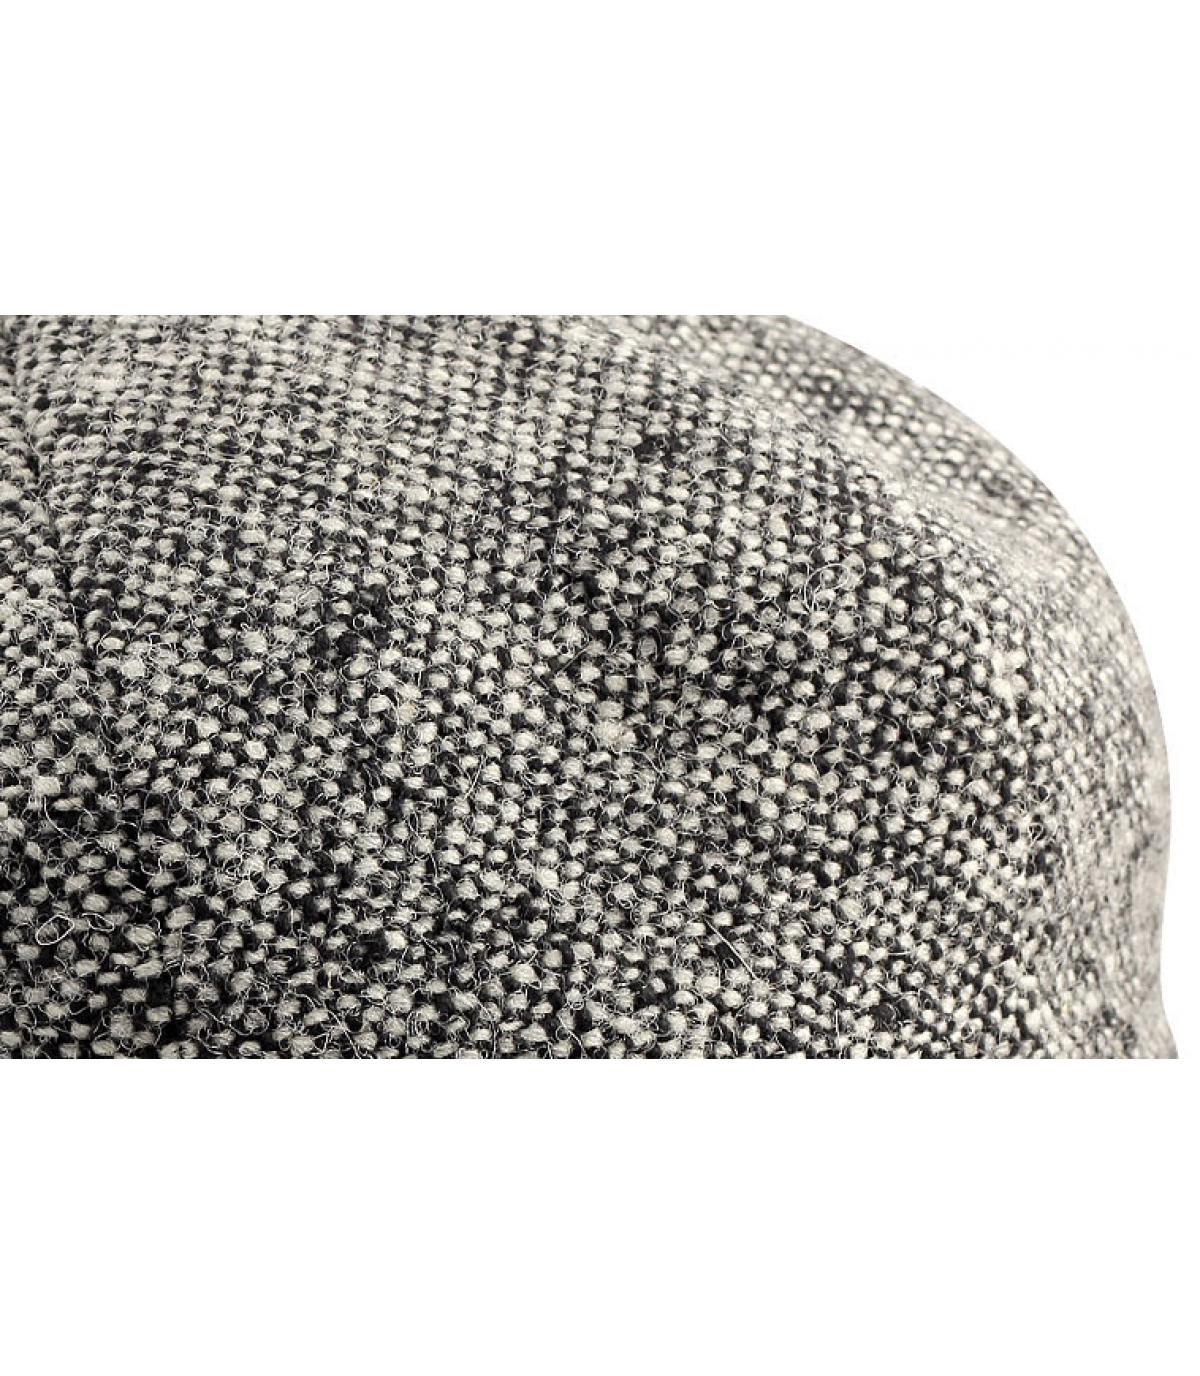 Détails Hatteras Donegal gris - image 1